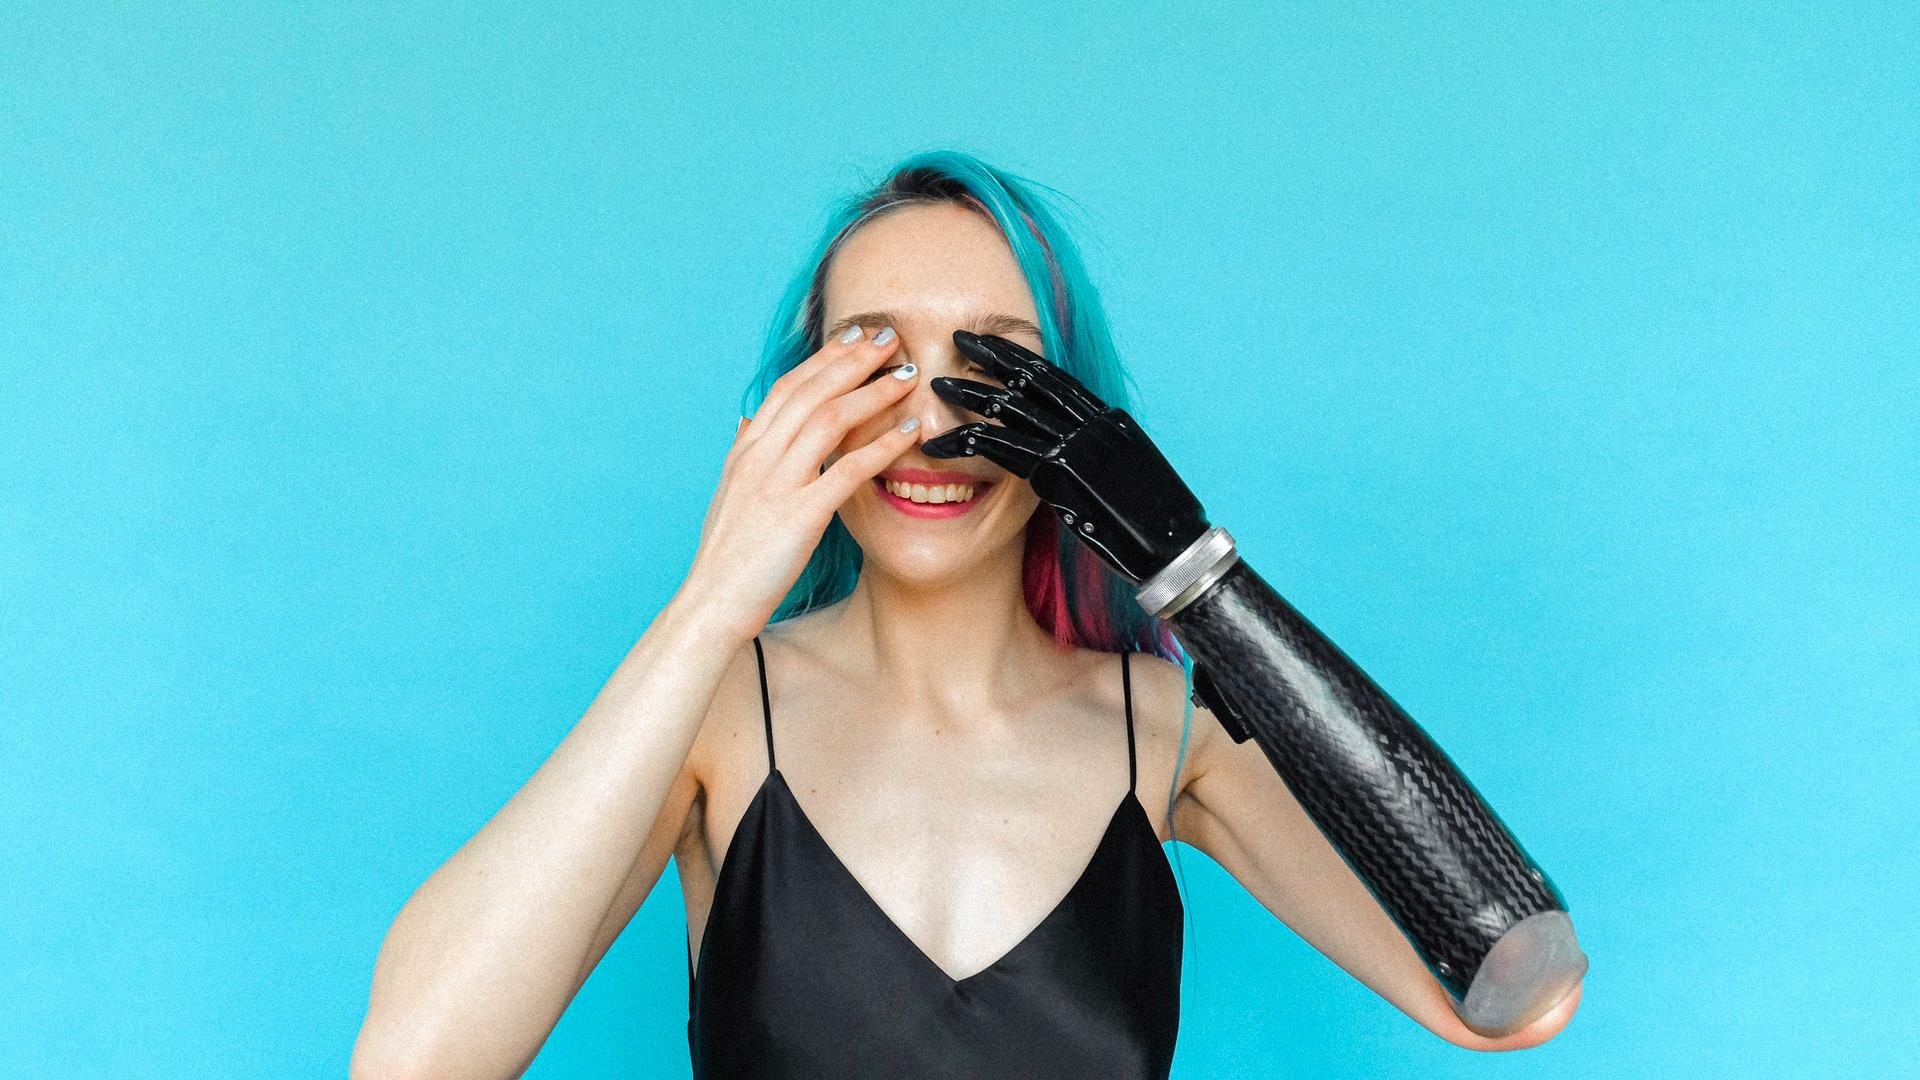 Kvinnan på bilden ler och håller för sina ögon, ena handen är en robotprotes. Hon har ljus hy och färggrannt blått / rosa / lila hår och bär ett svart tunt linne.